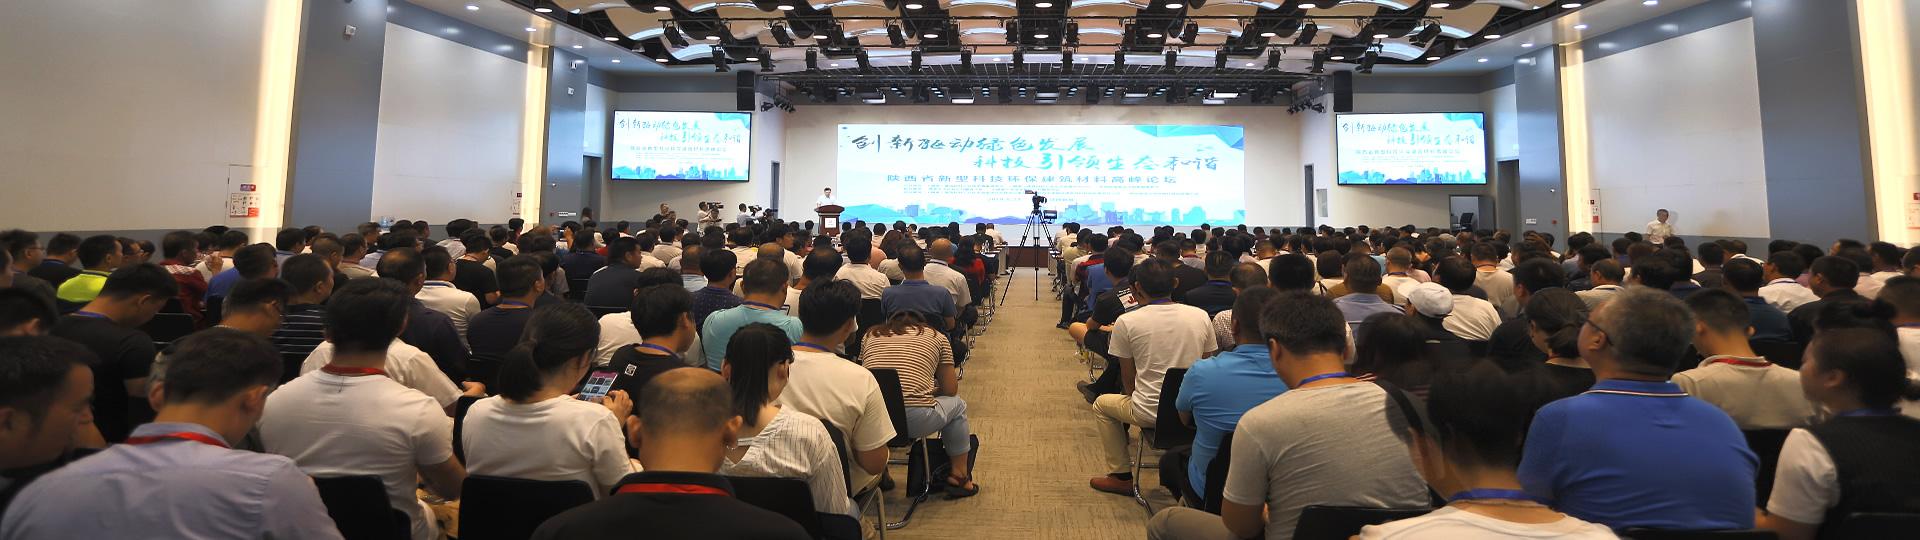 建筑材料工业技术情报研究所陕西办事处